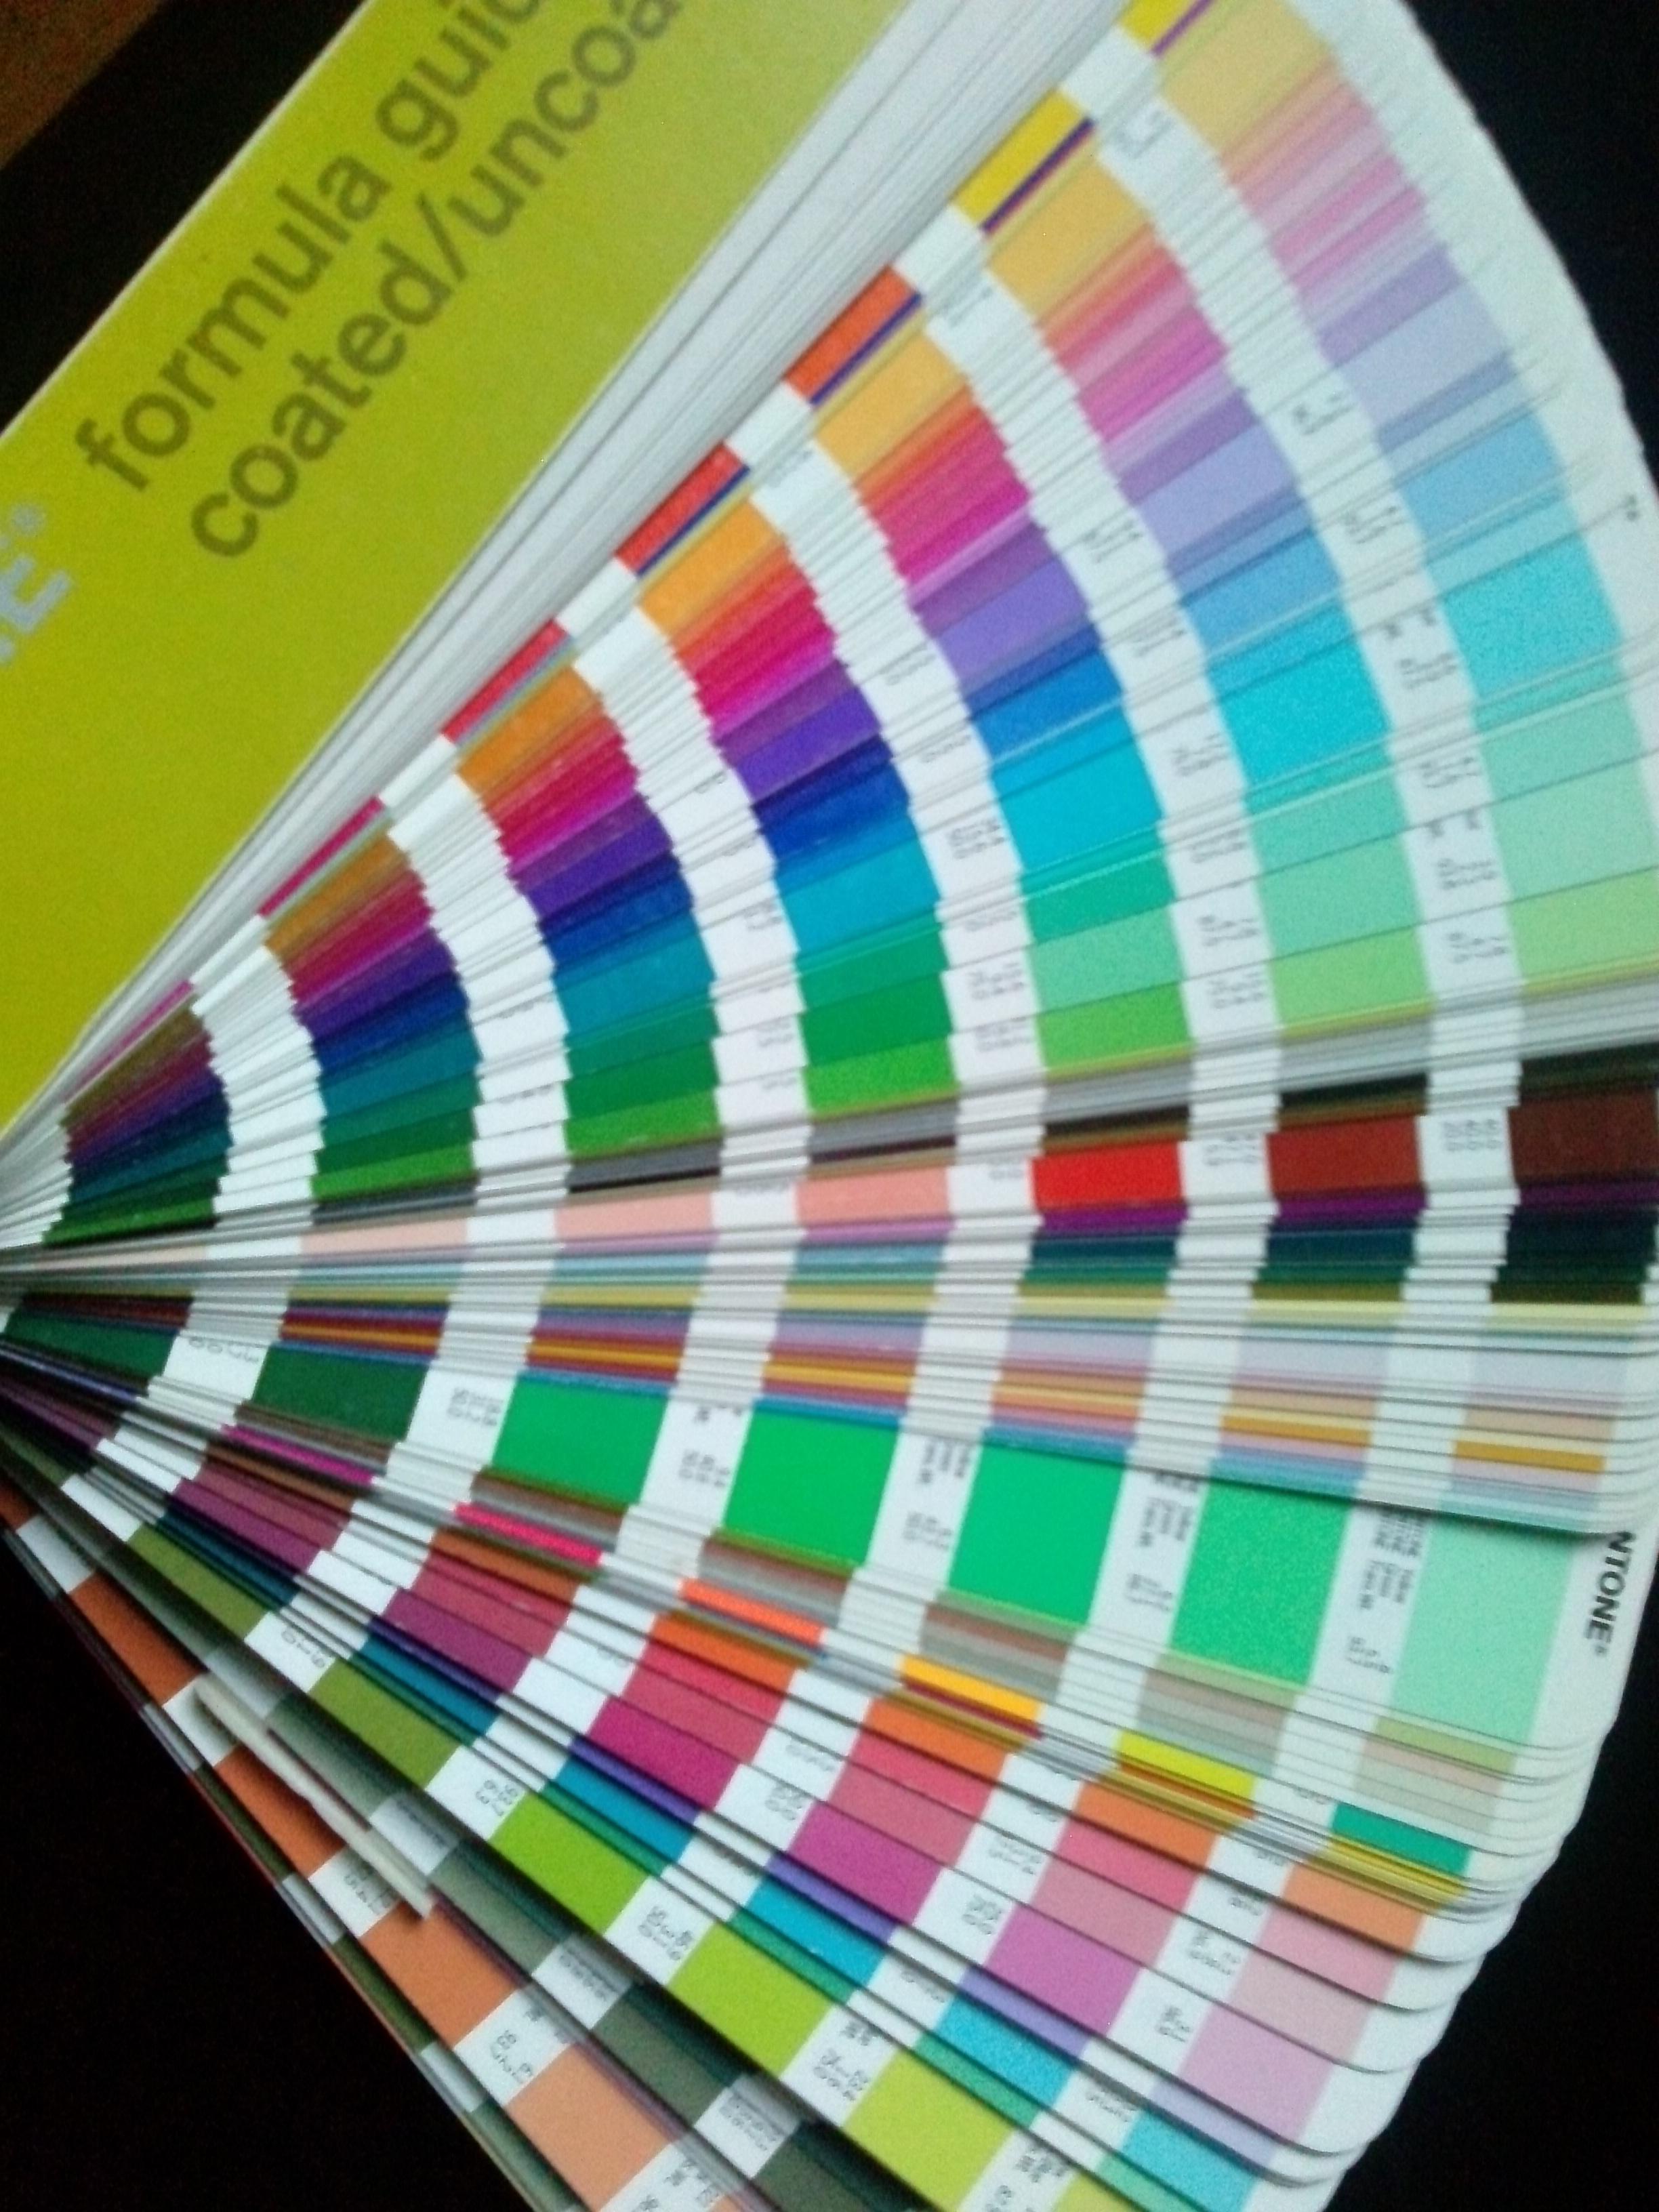 herstellung farben